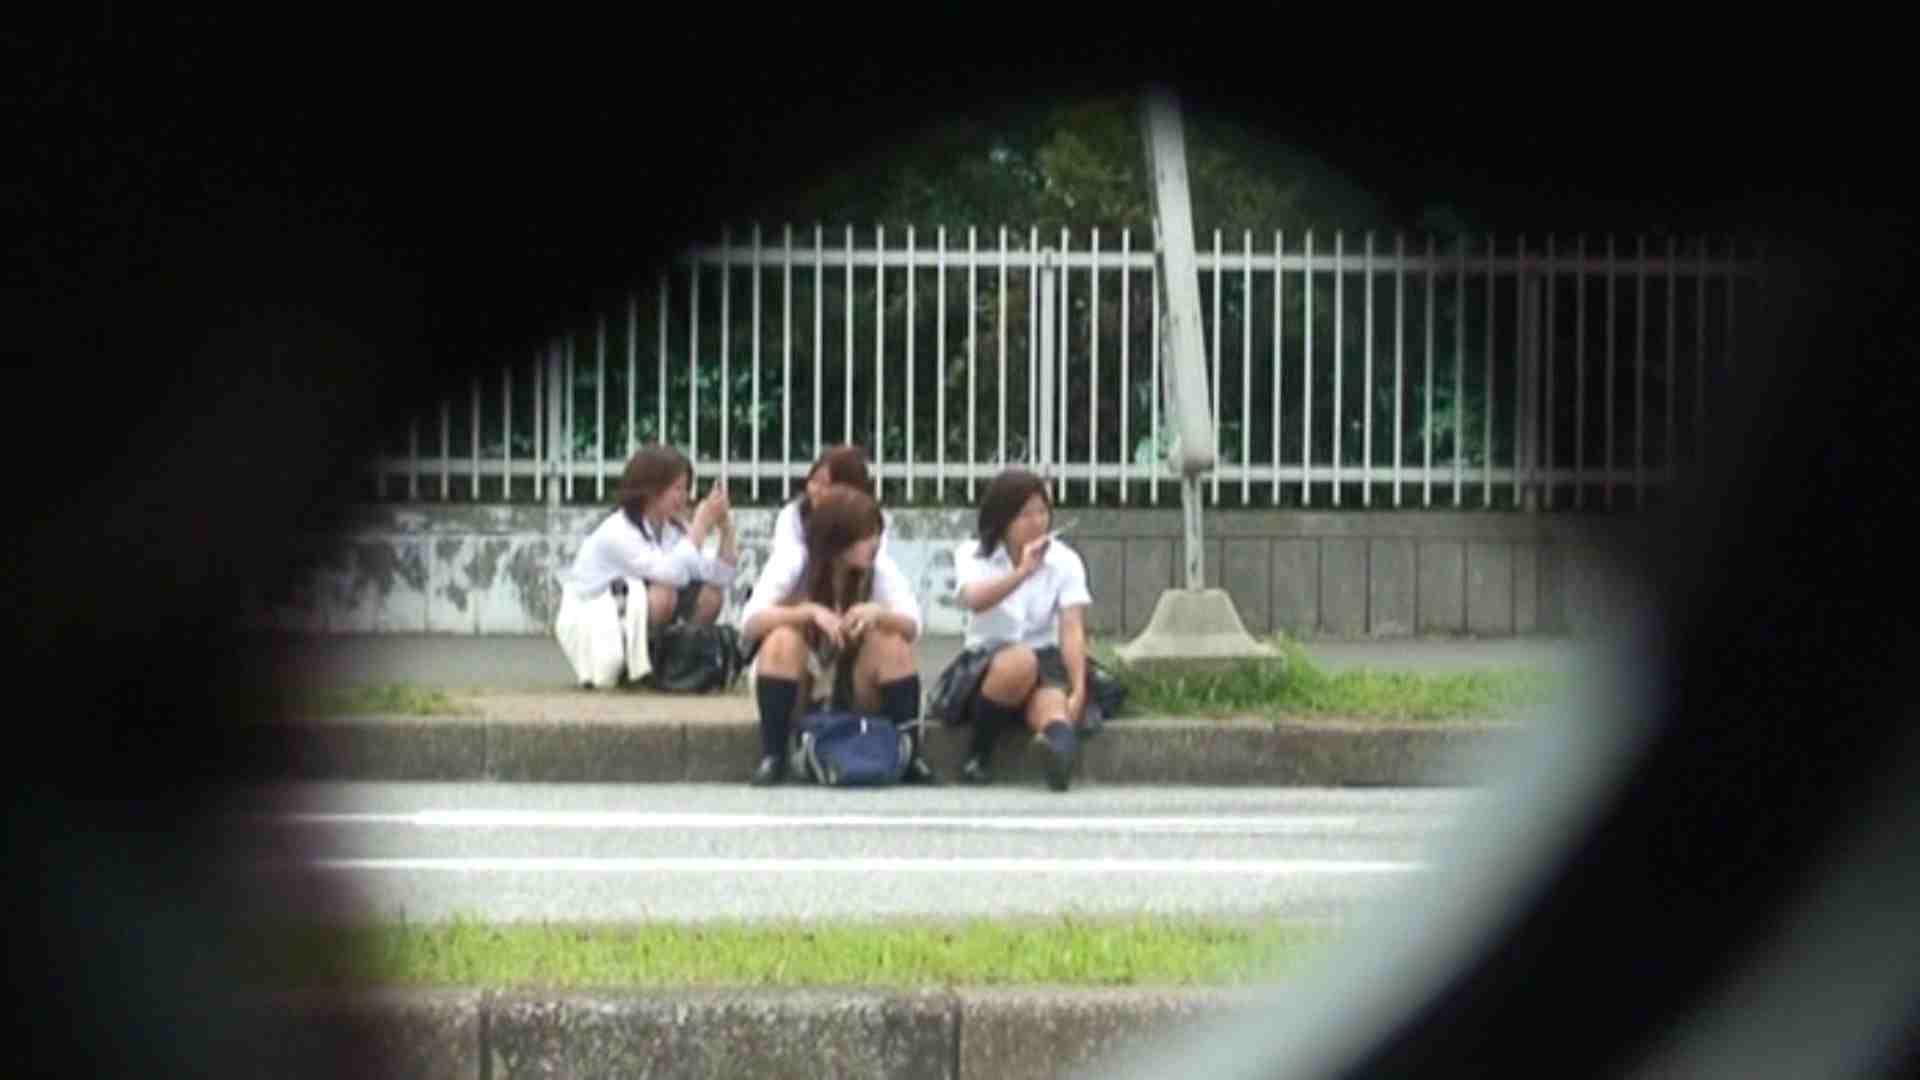 望遠パンチラNo11 学校 セックス無修正動画無料 95枚 82